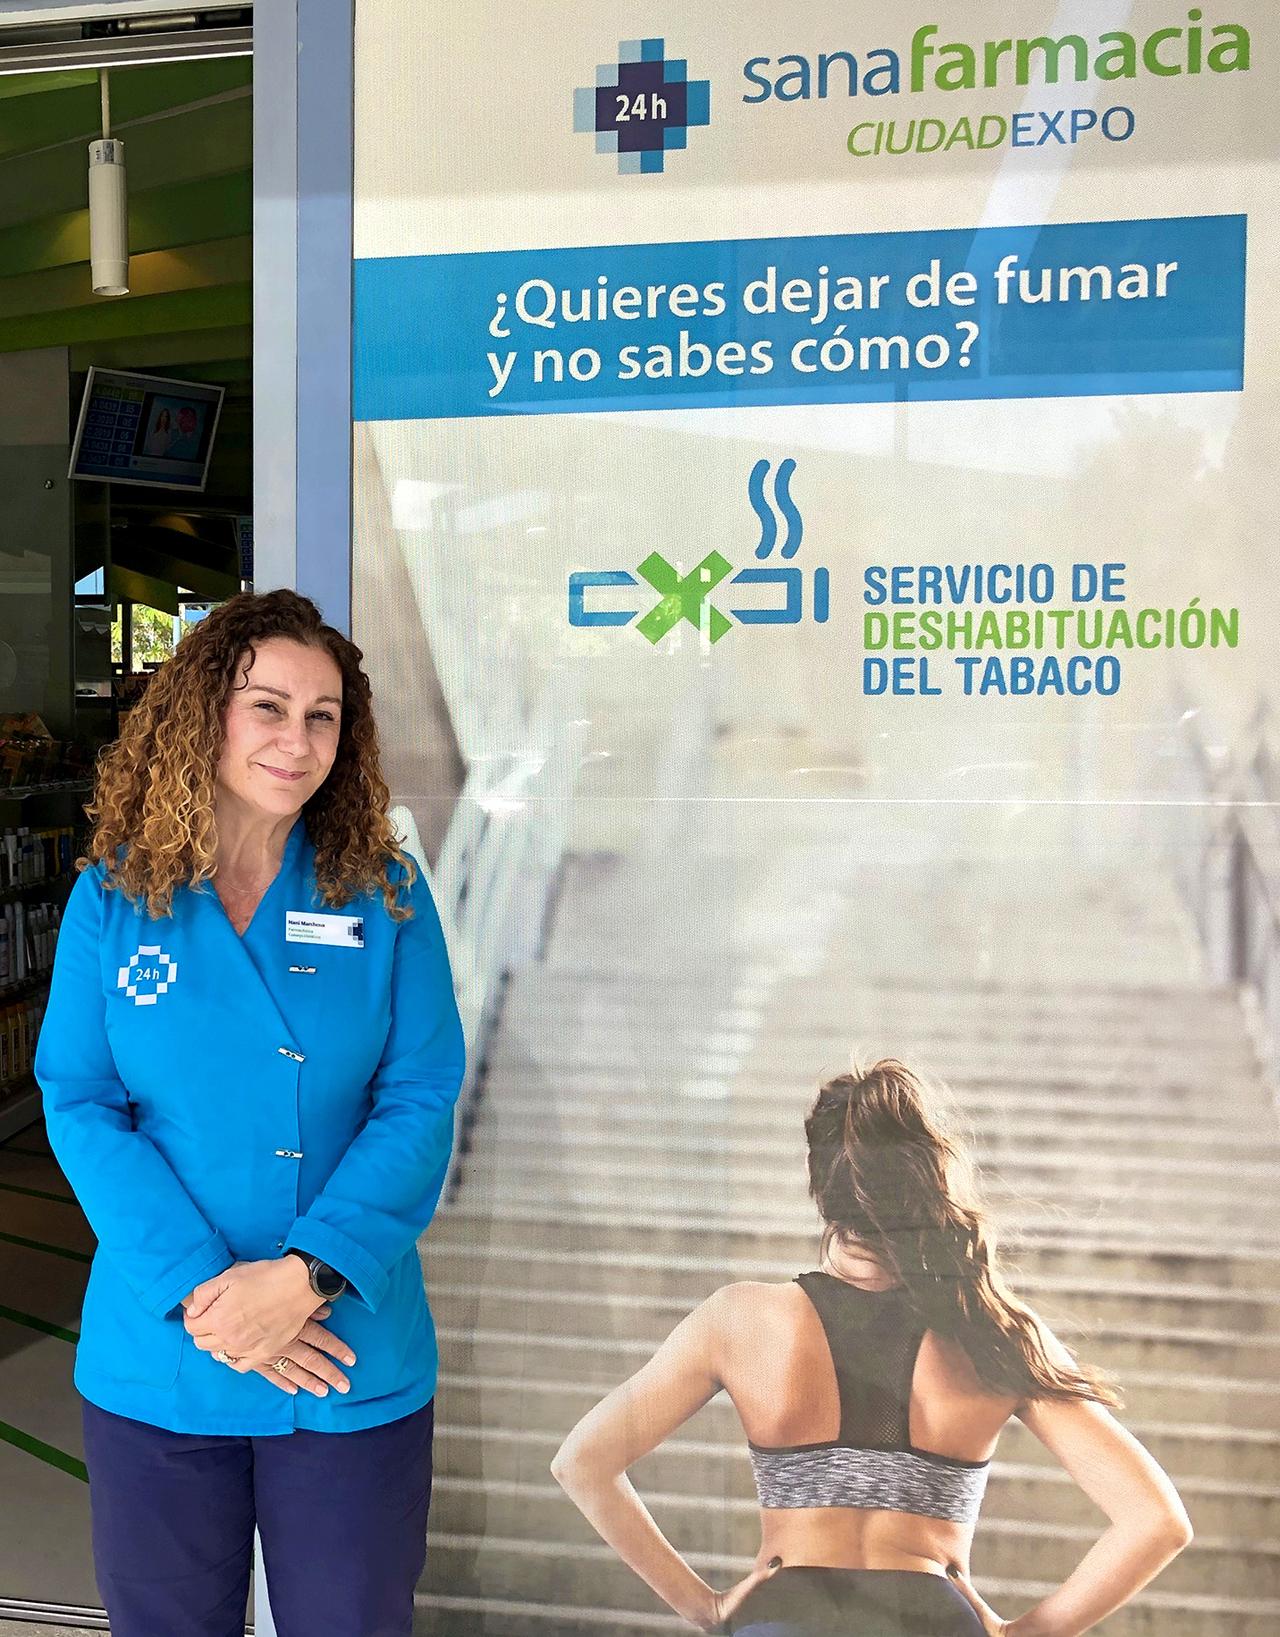 Nani Marchena, farmacéutica adjunta y encargada del servicio de cesación tabáquica en Sanafarmacia (Sevilla).